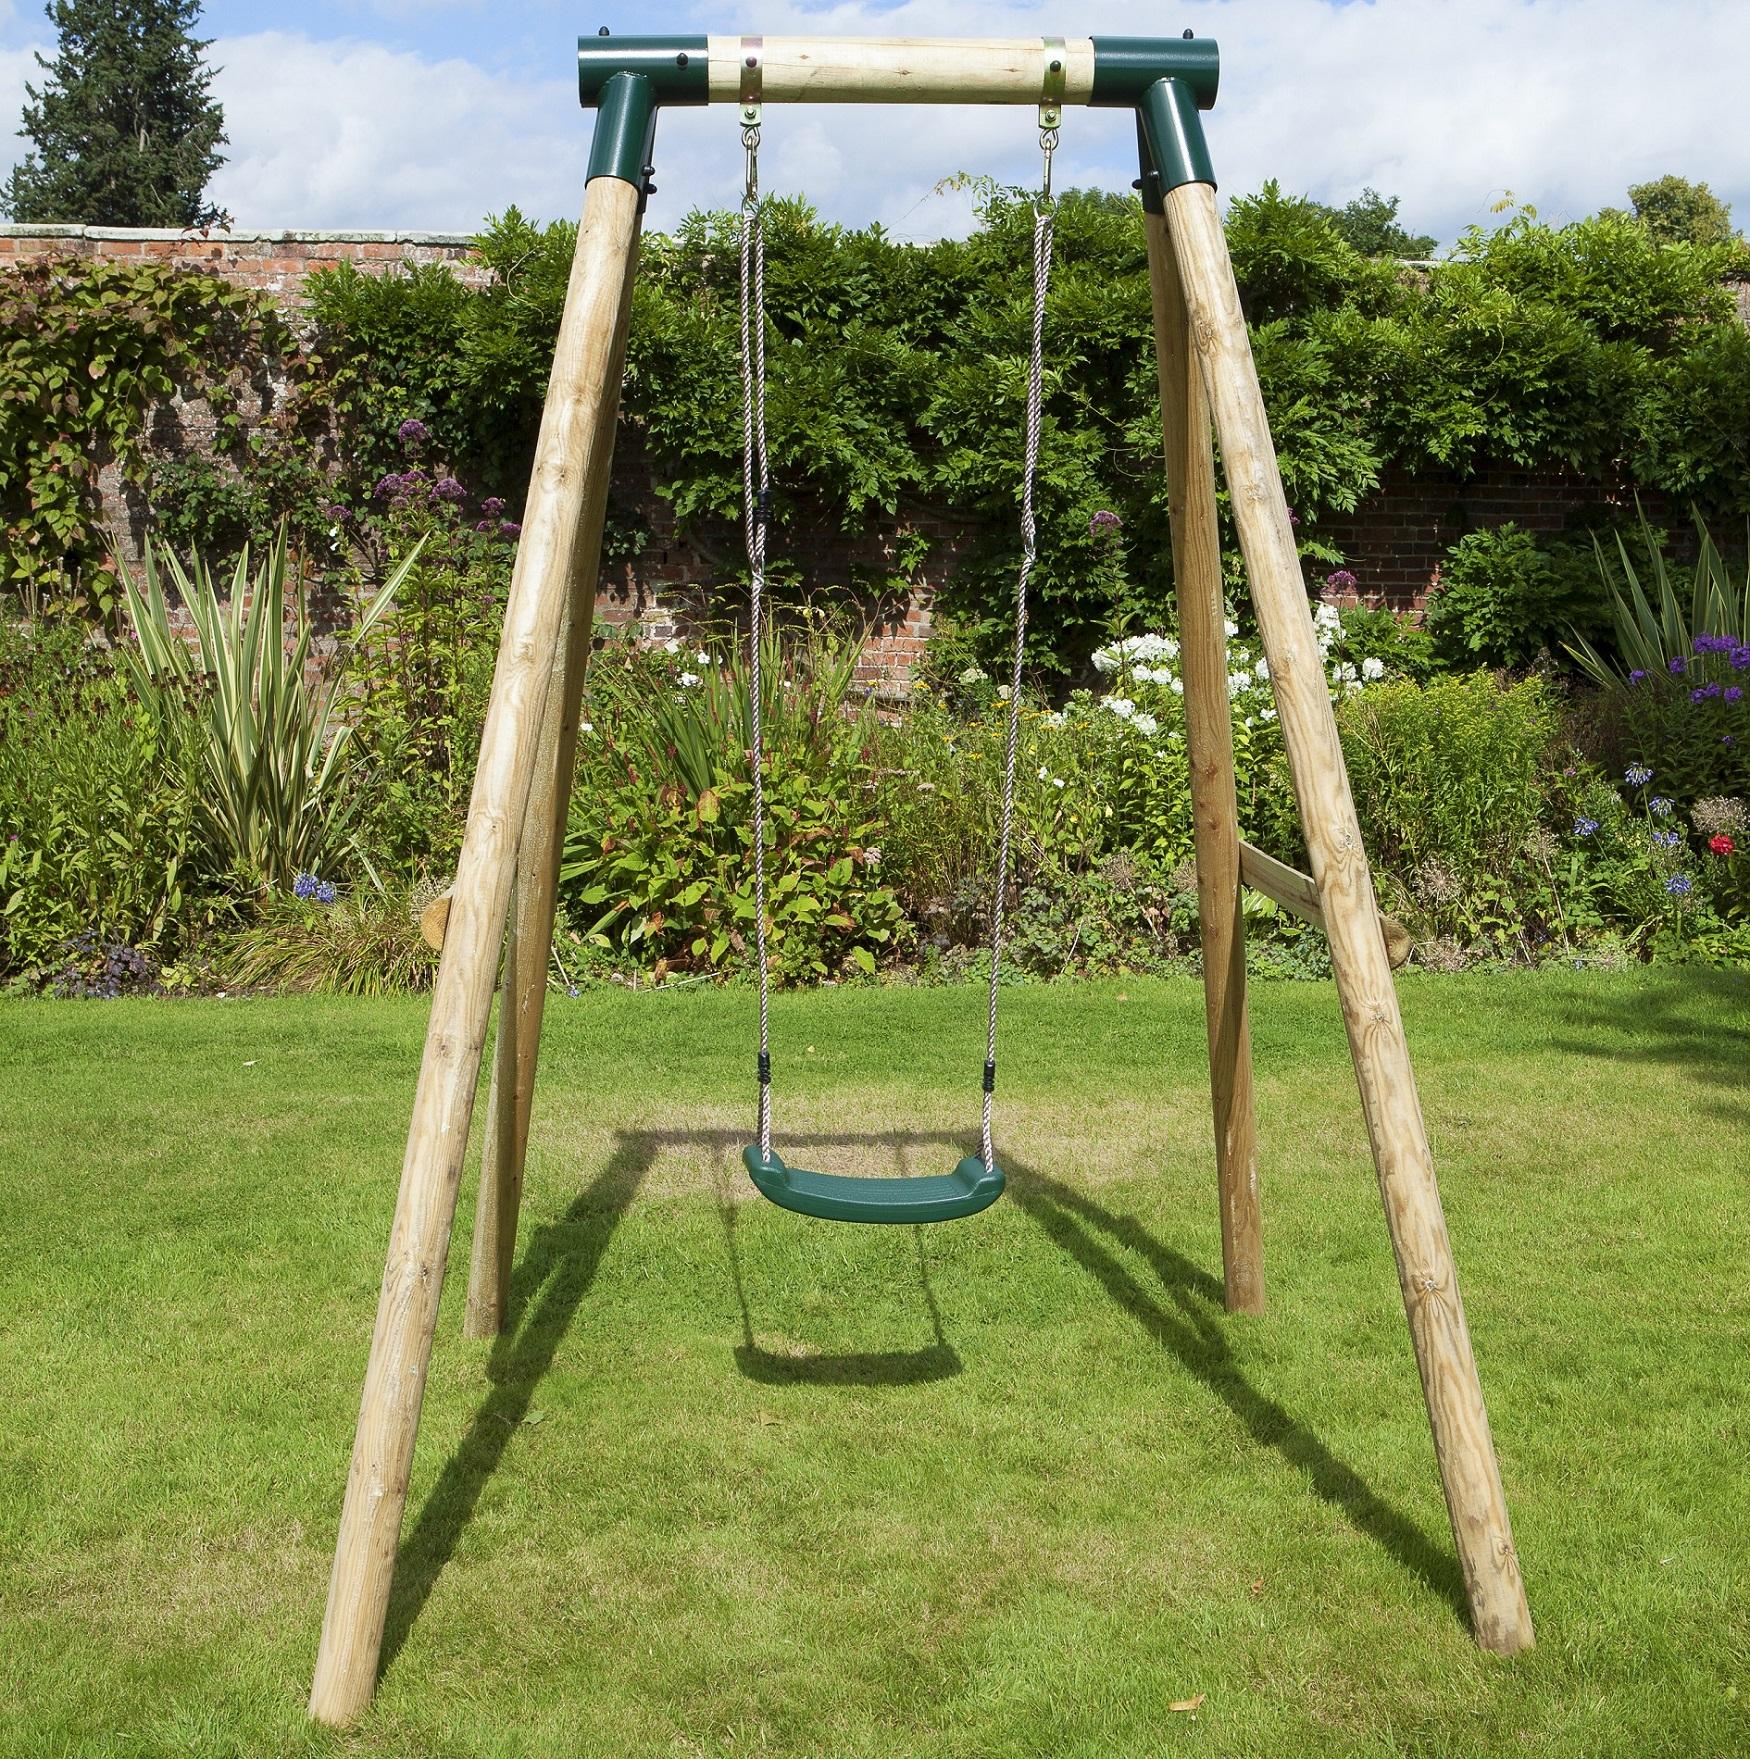 Rebo Solar Wooden Garden Swing Set Single Swing